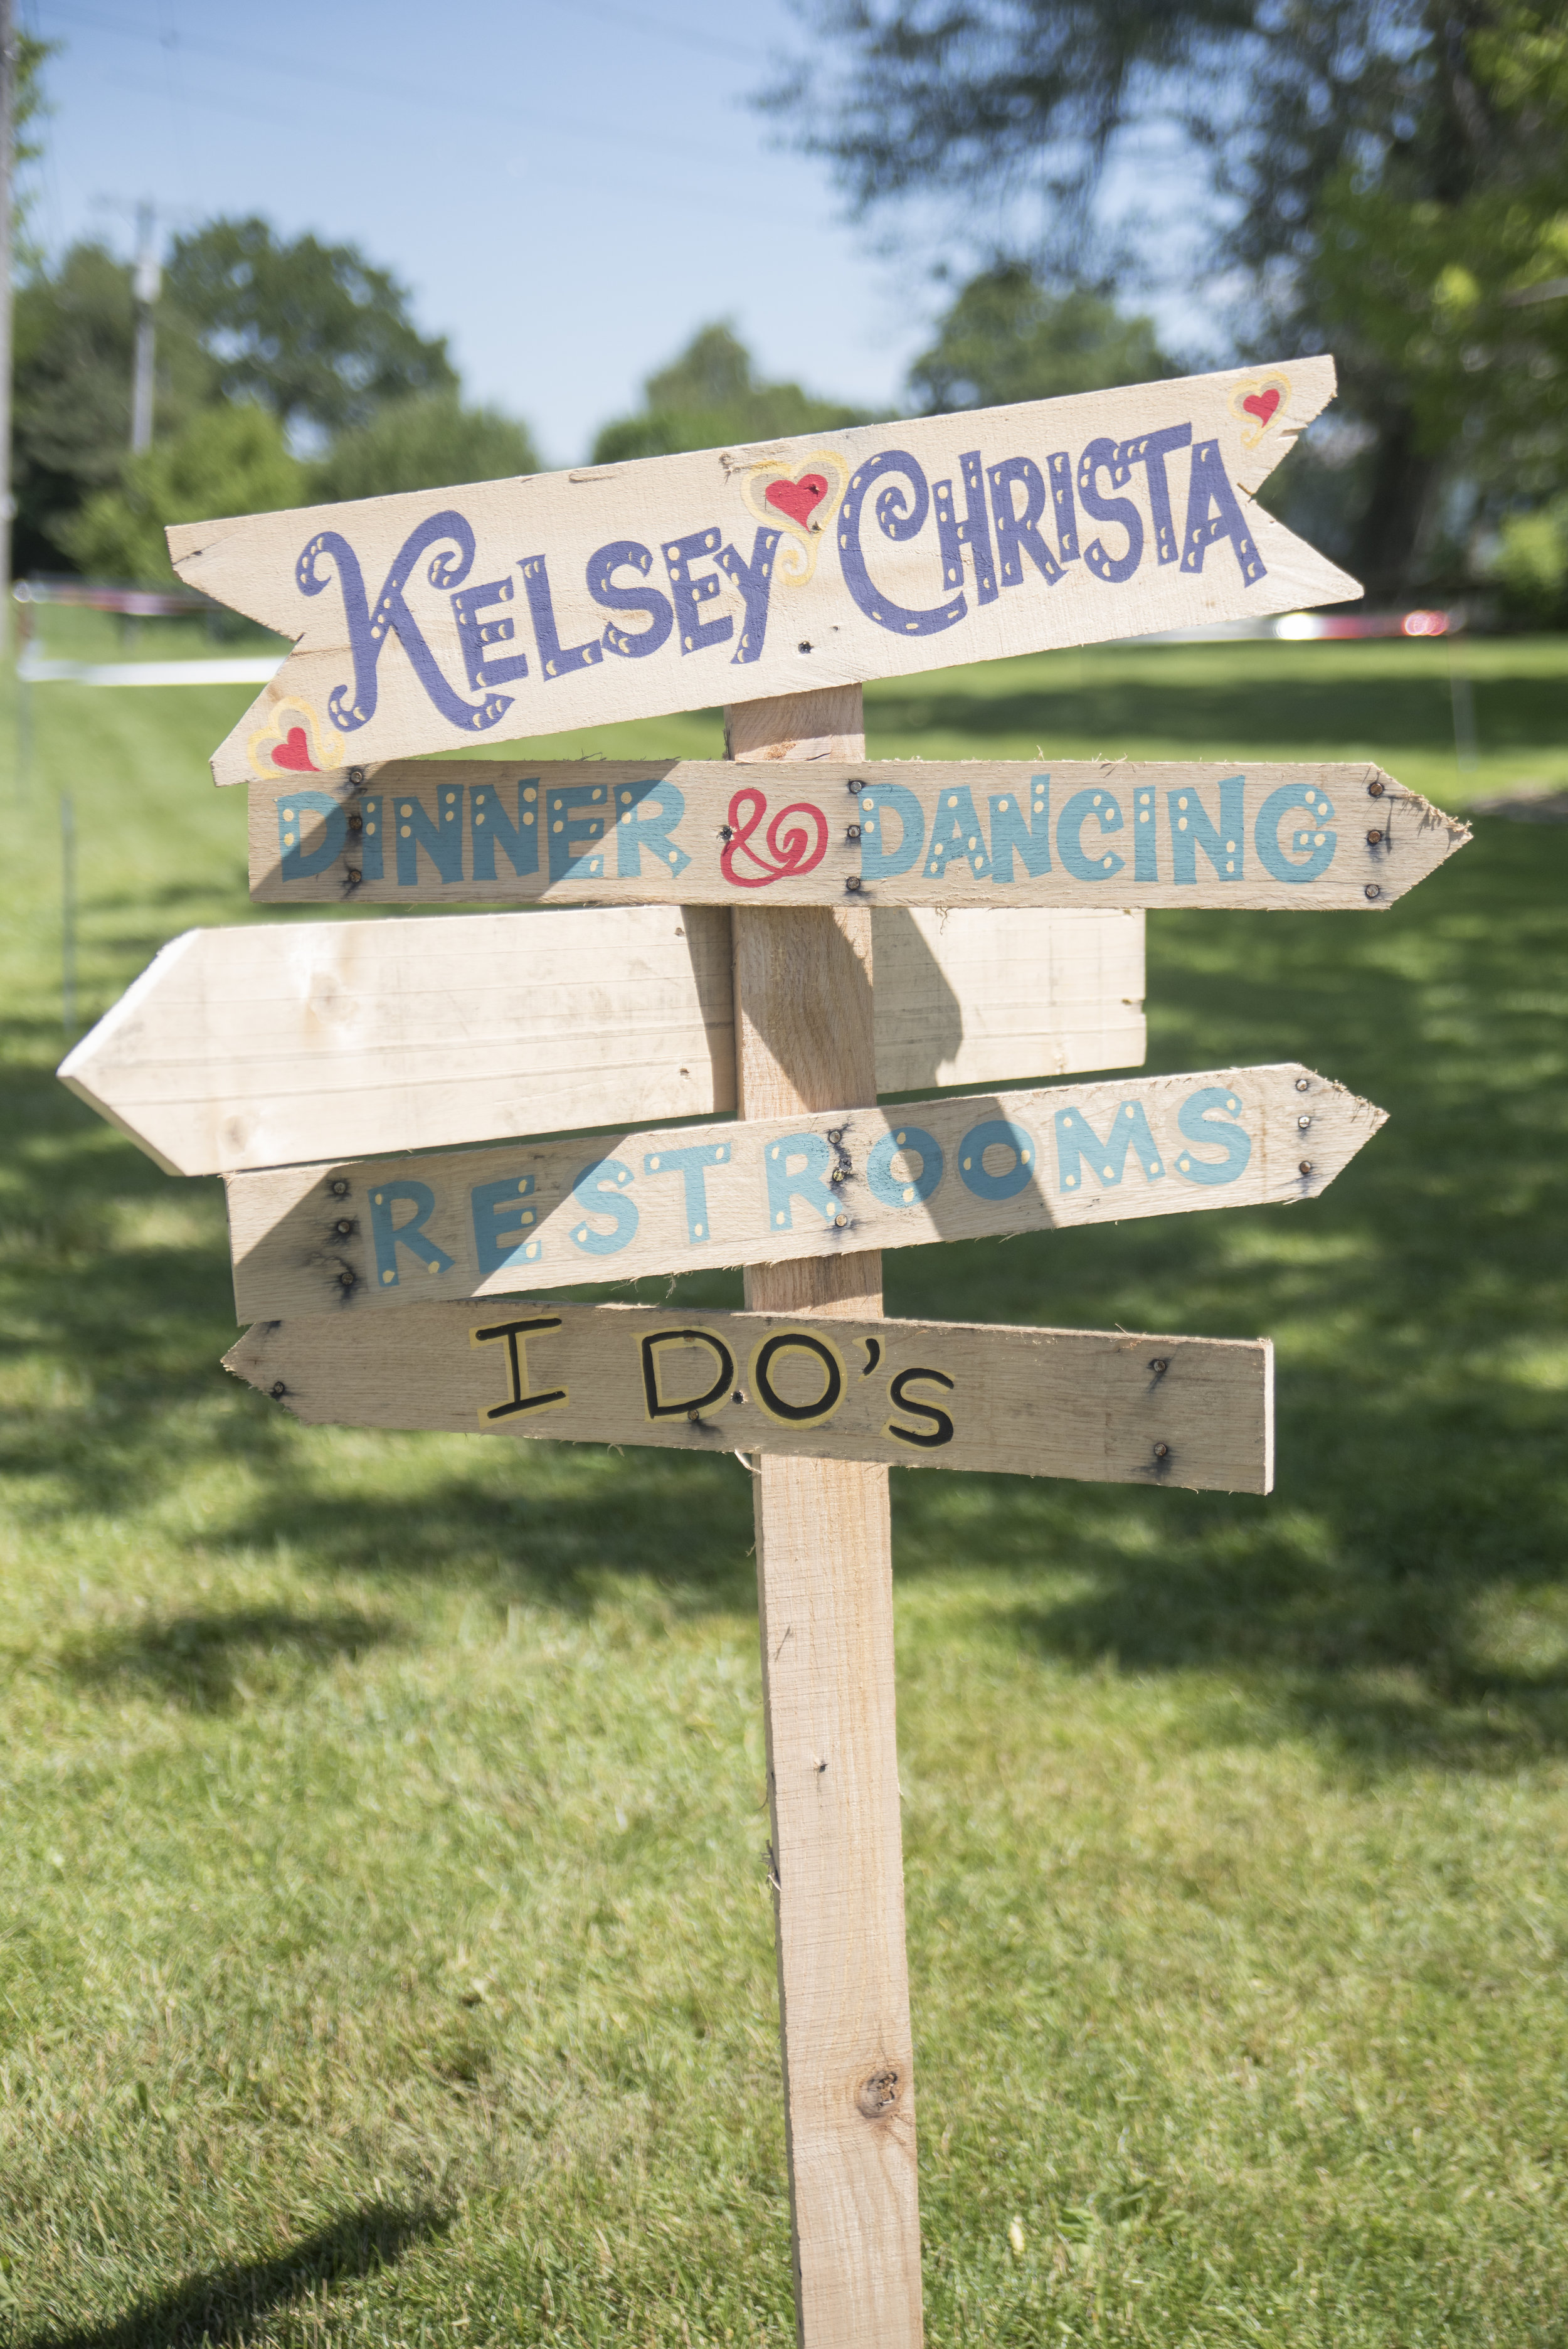 Kelsey&Christa -16.jpg